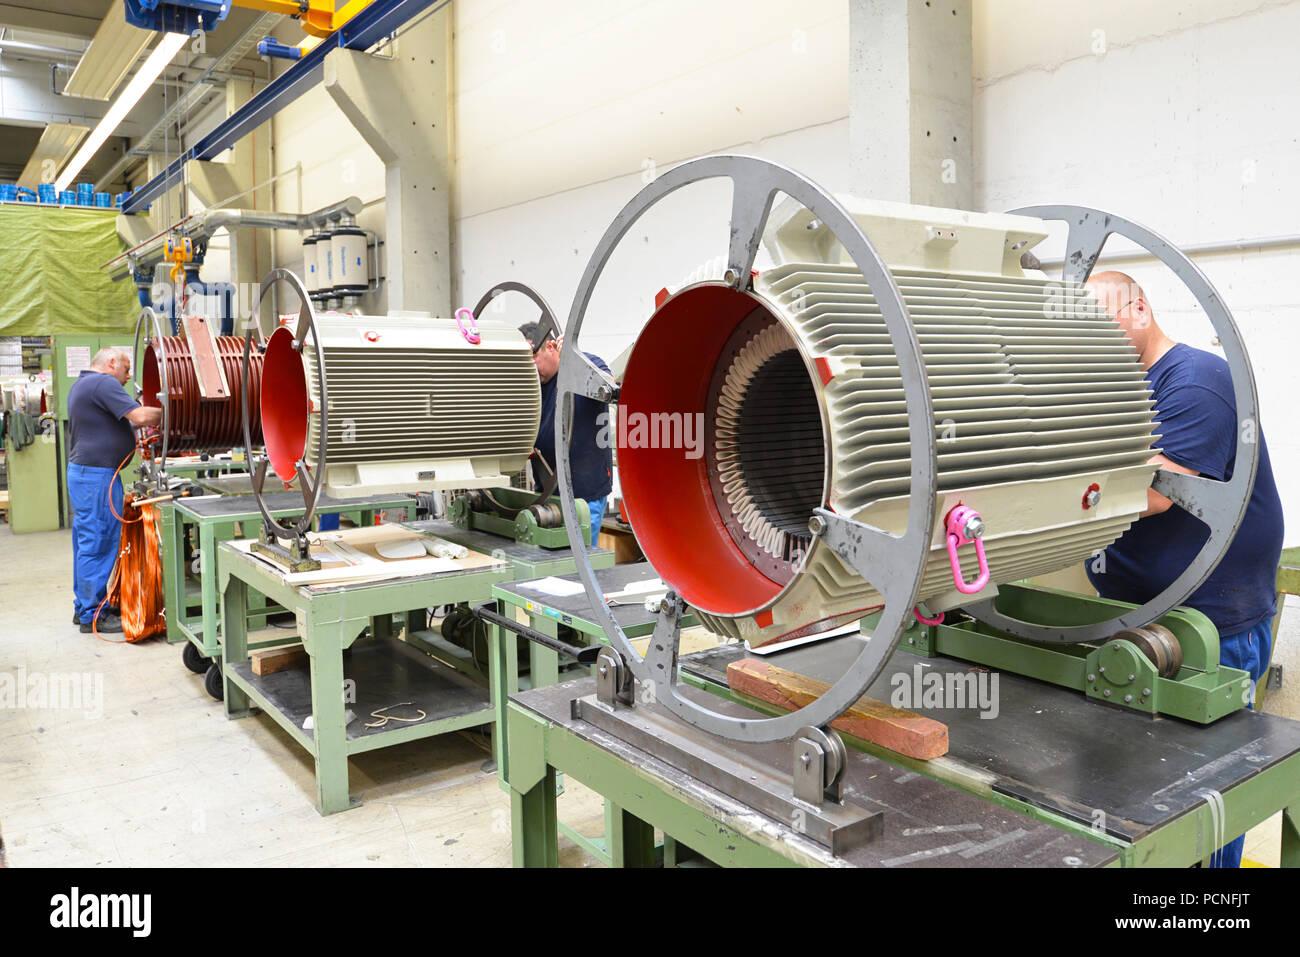 Les travailleurs dans une usine de montage de moteurs électriques Photo Stock